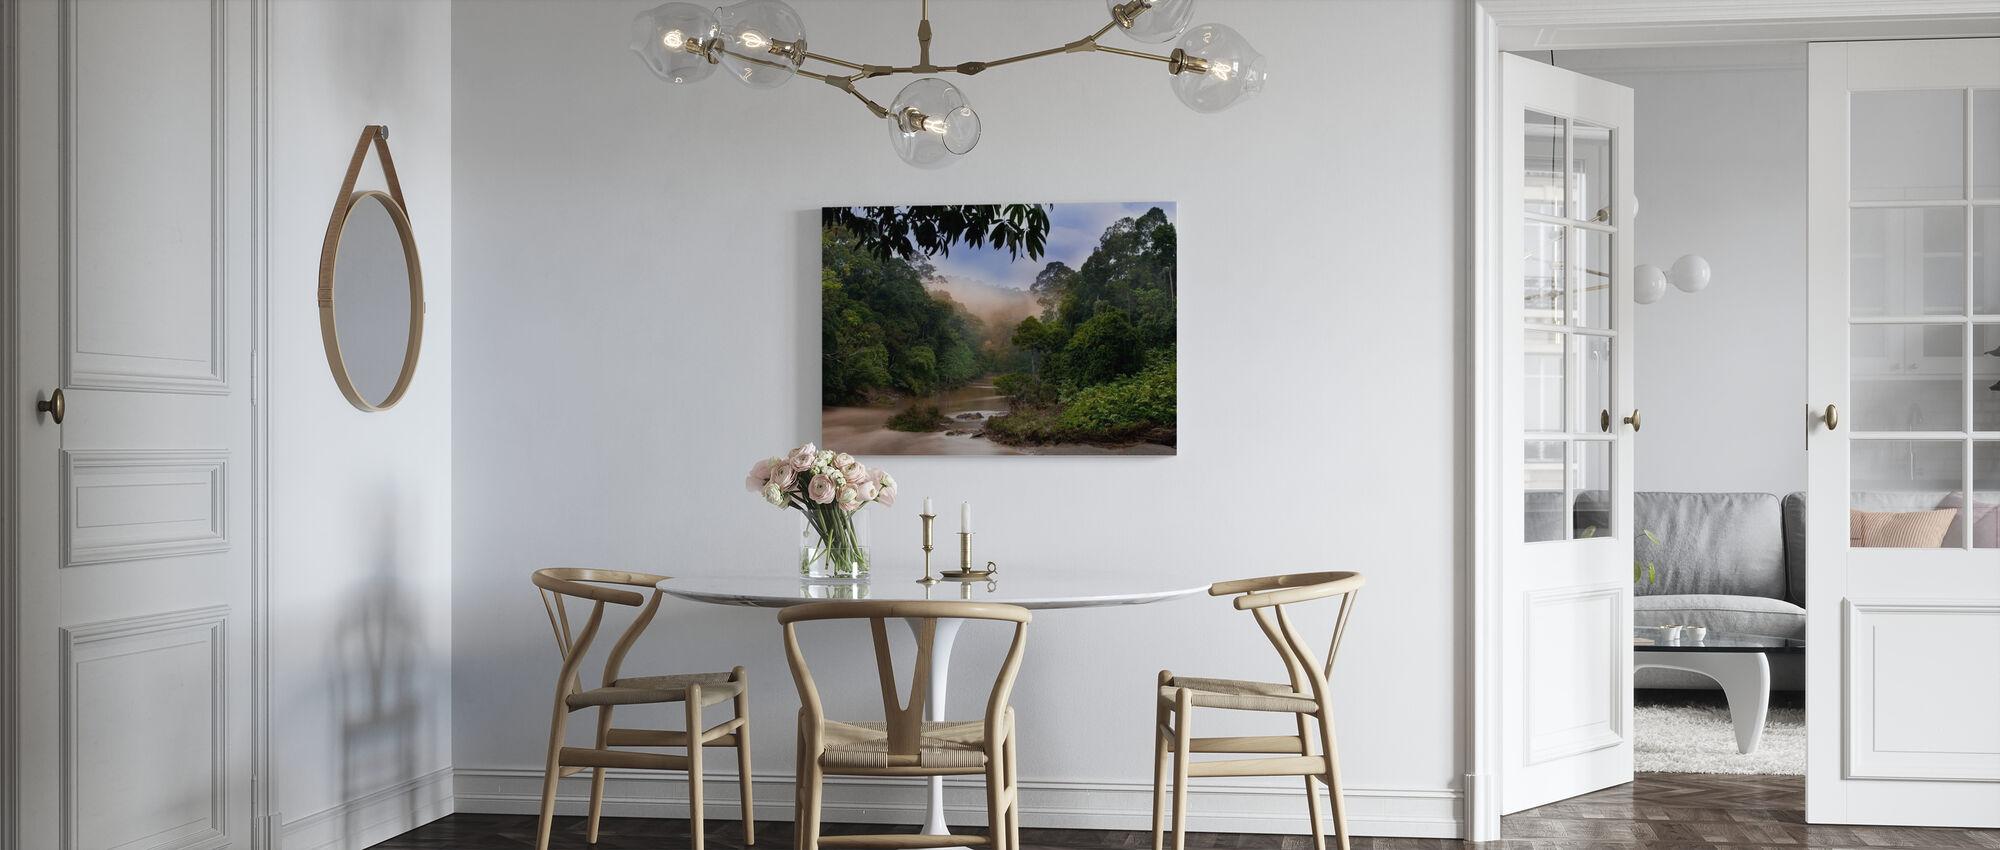 Segama River and Rainforest - Canvas print - Kitchen